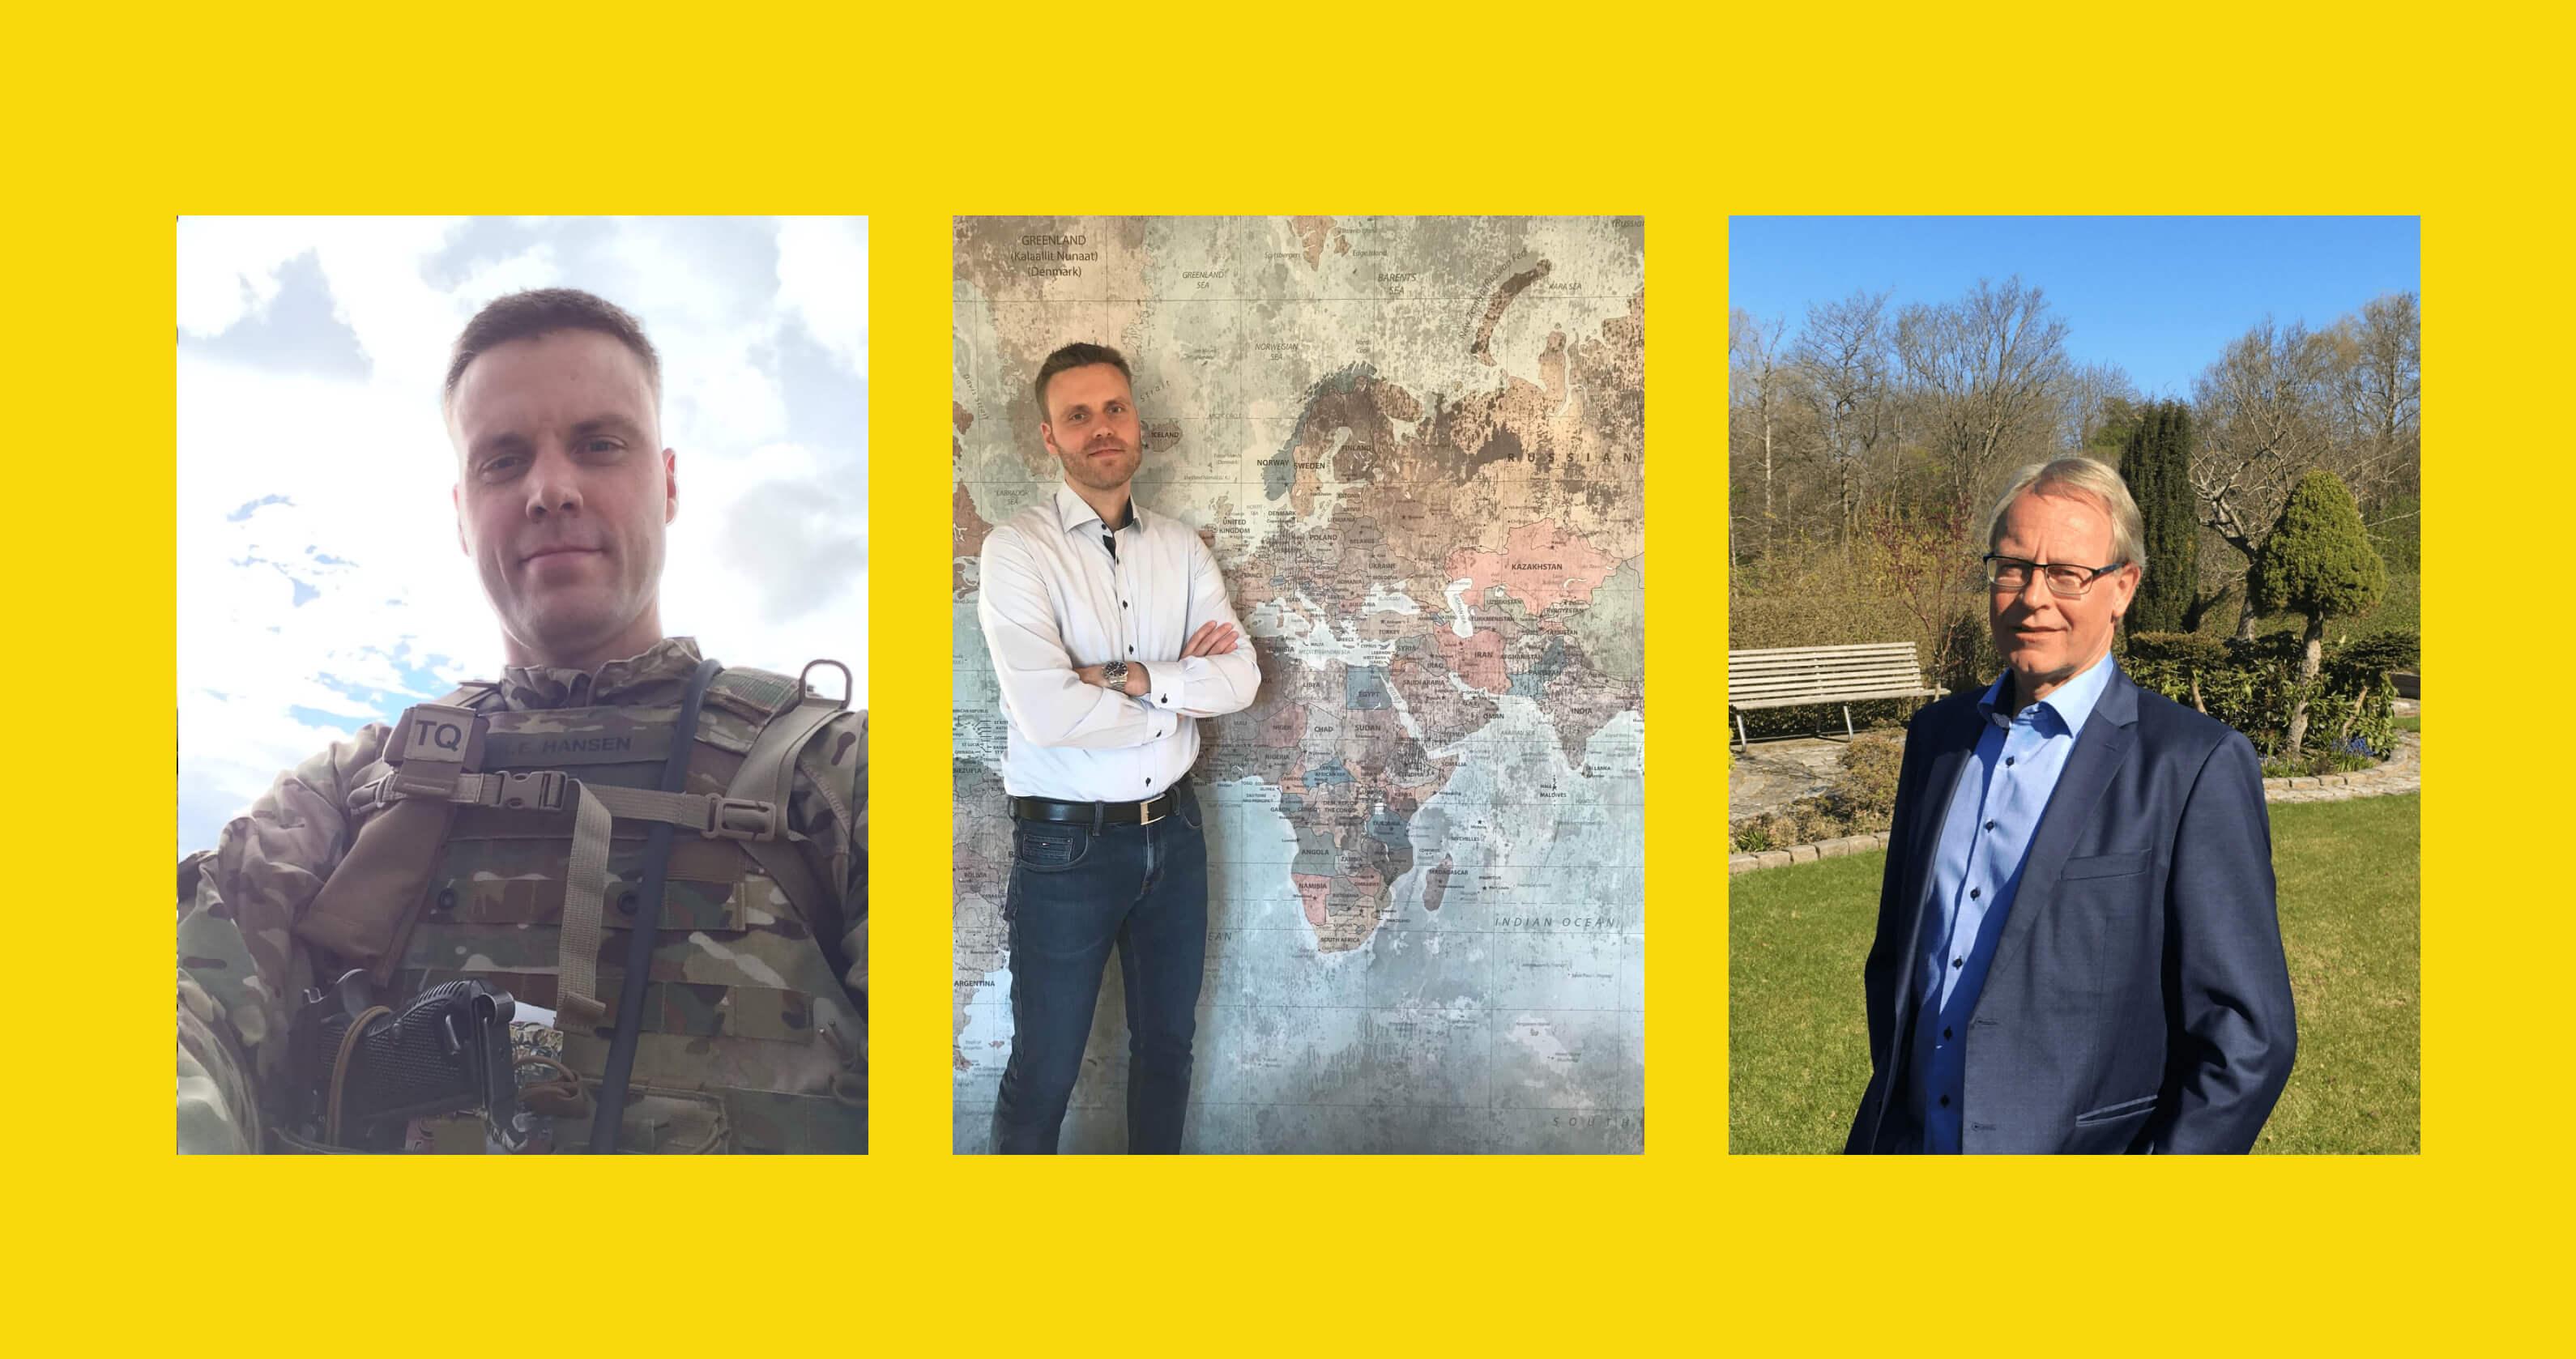 Soldater forstår at skabe retning under forandring. Derfor har erhvervslivet især brug for veteraner lige nu!